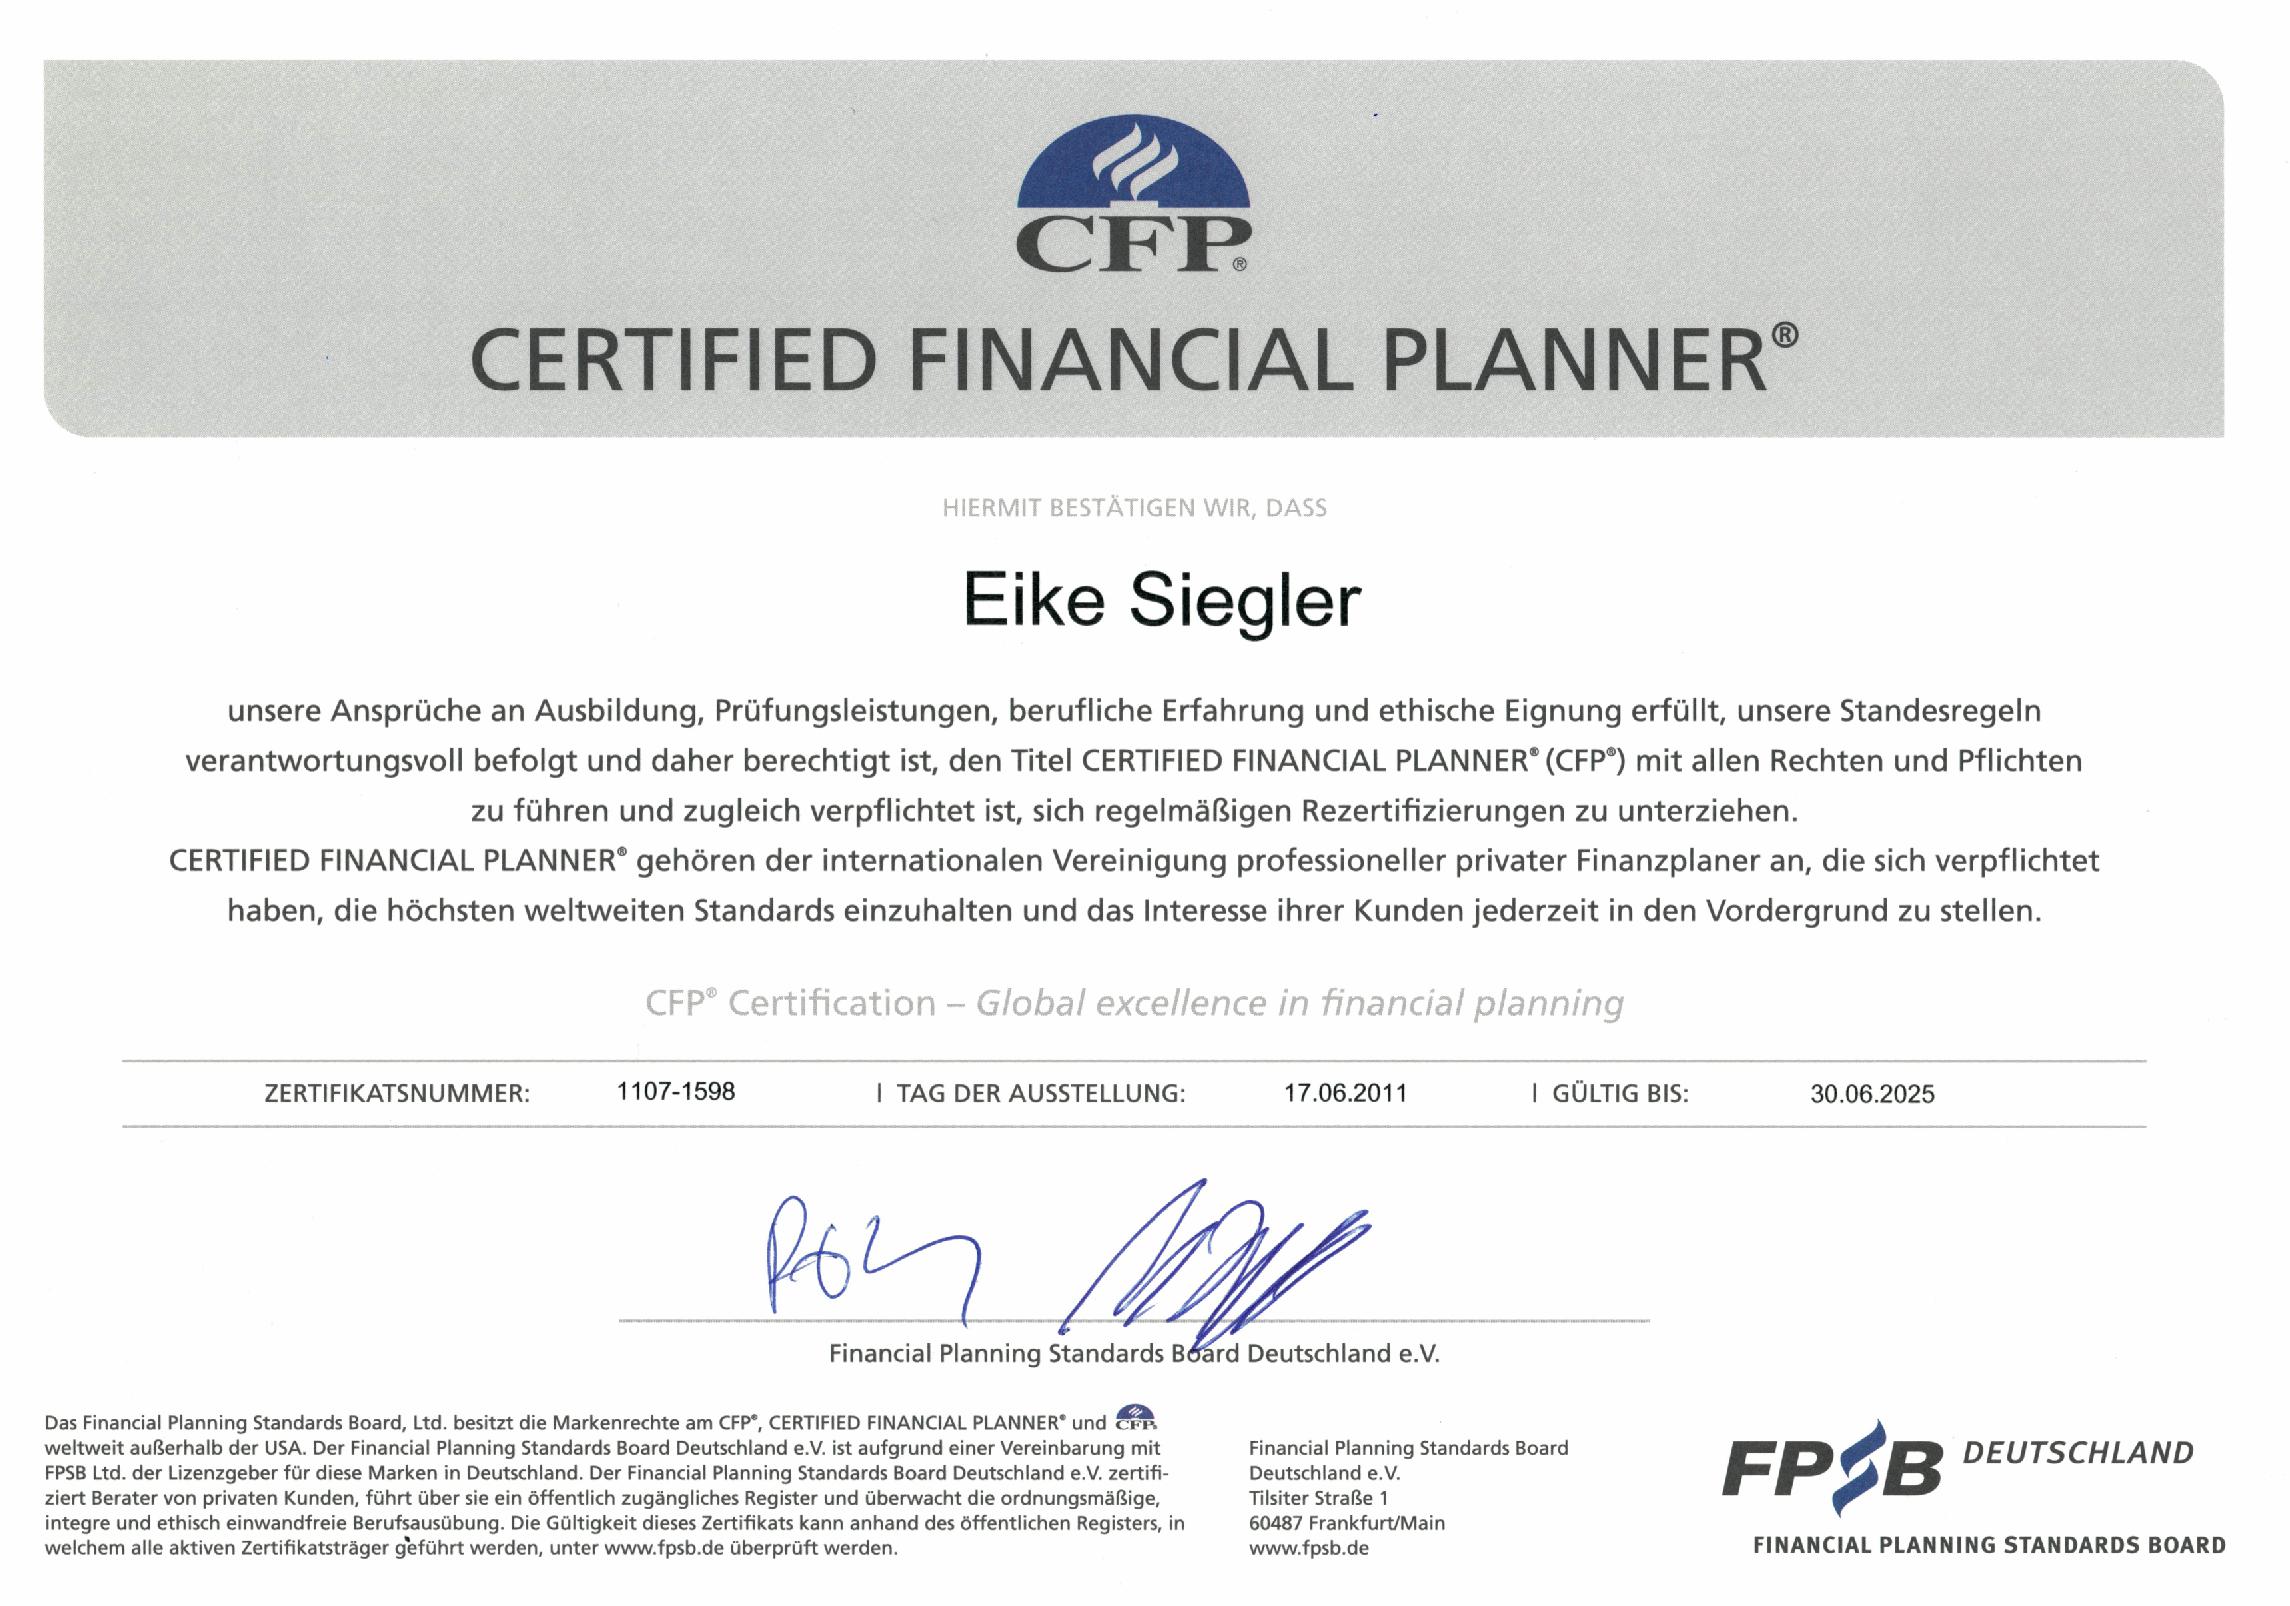 Abbildung des Zertifikats CFP-Certified Financial Planner, verliehen an Eike Siegler